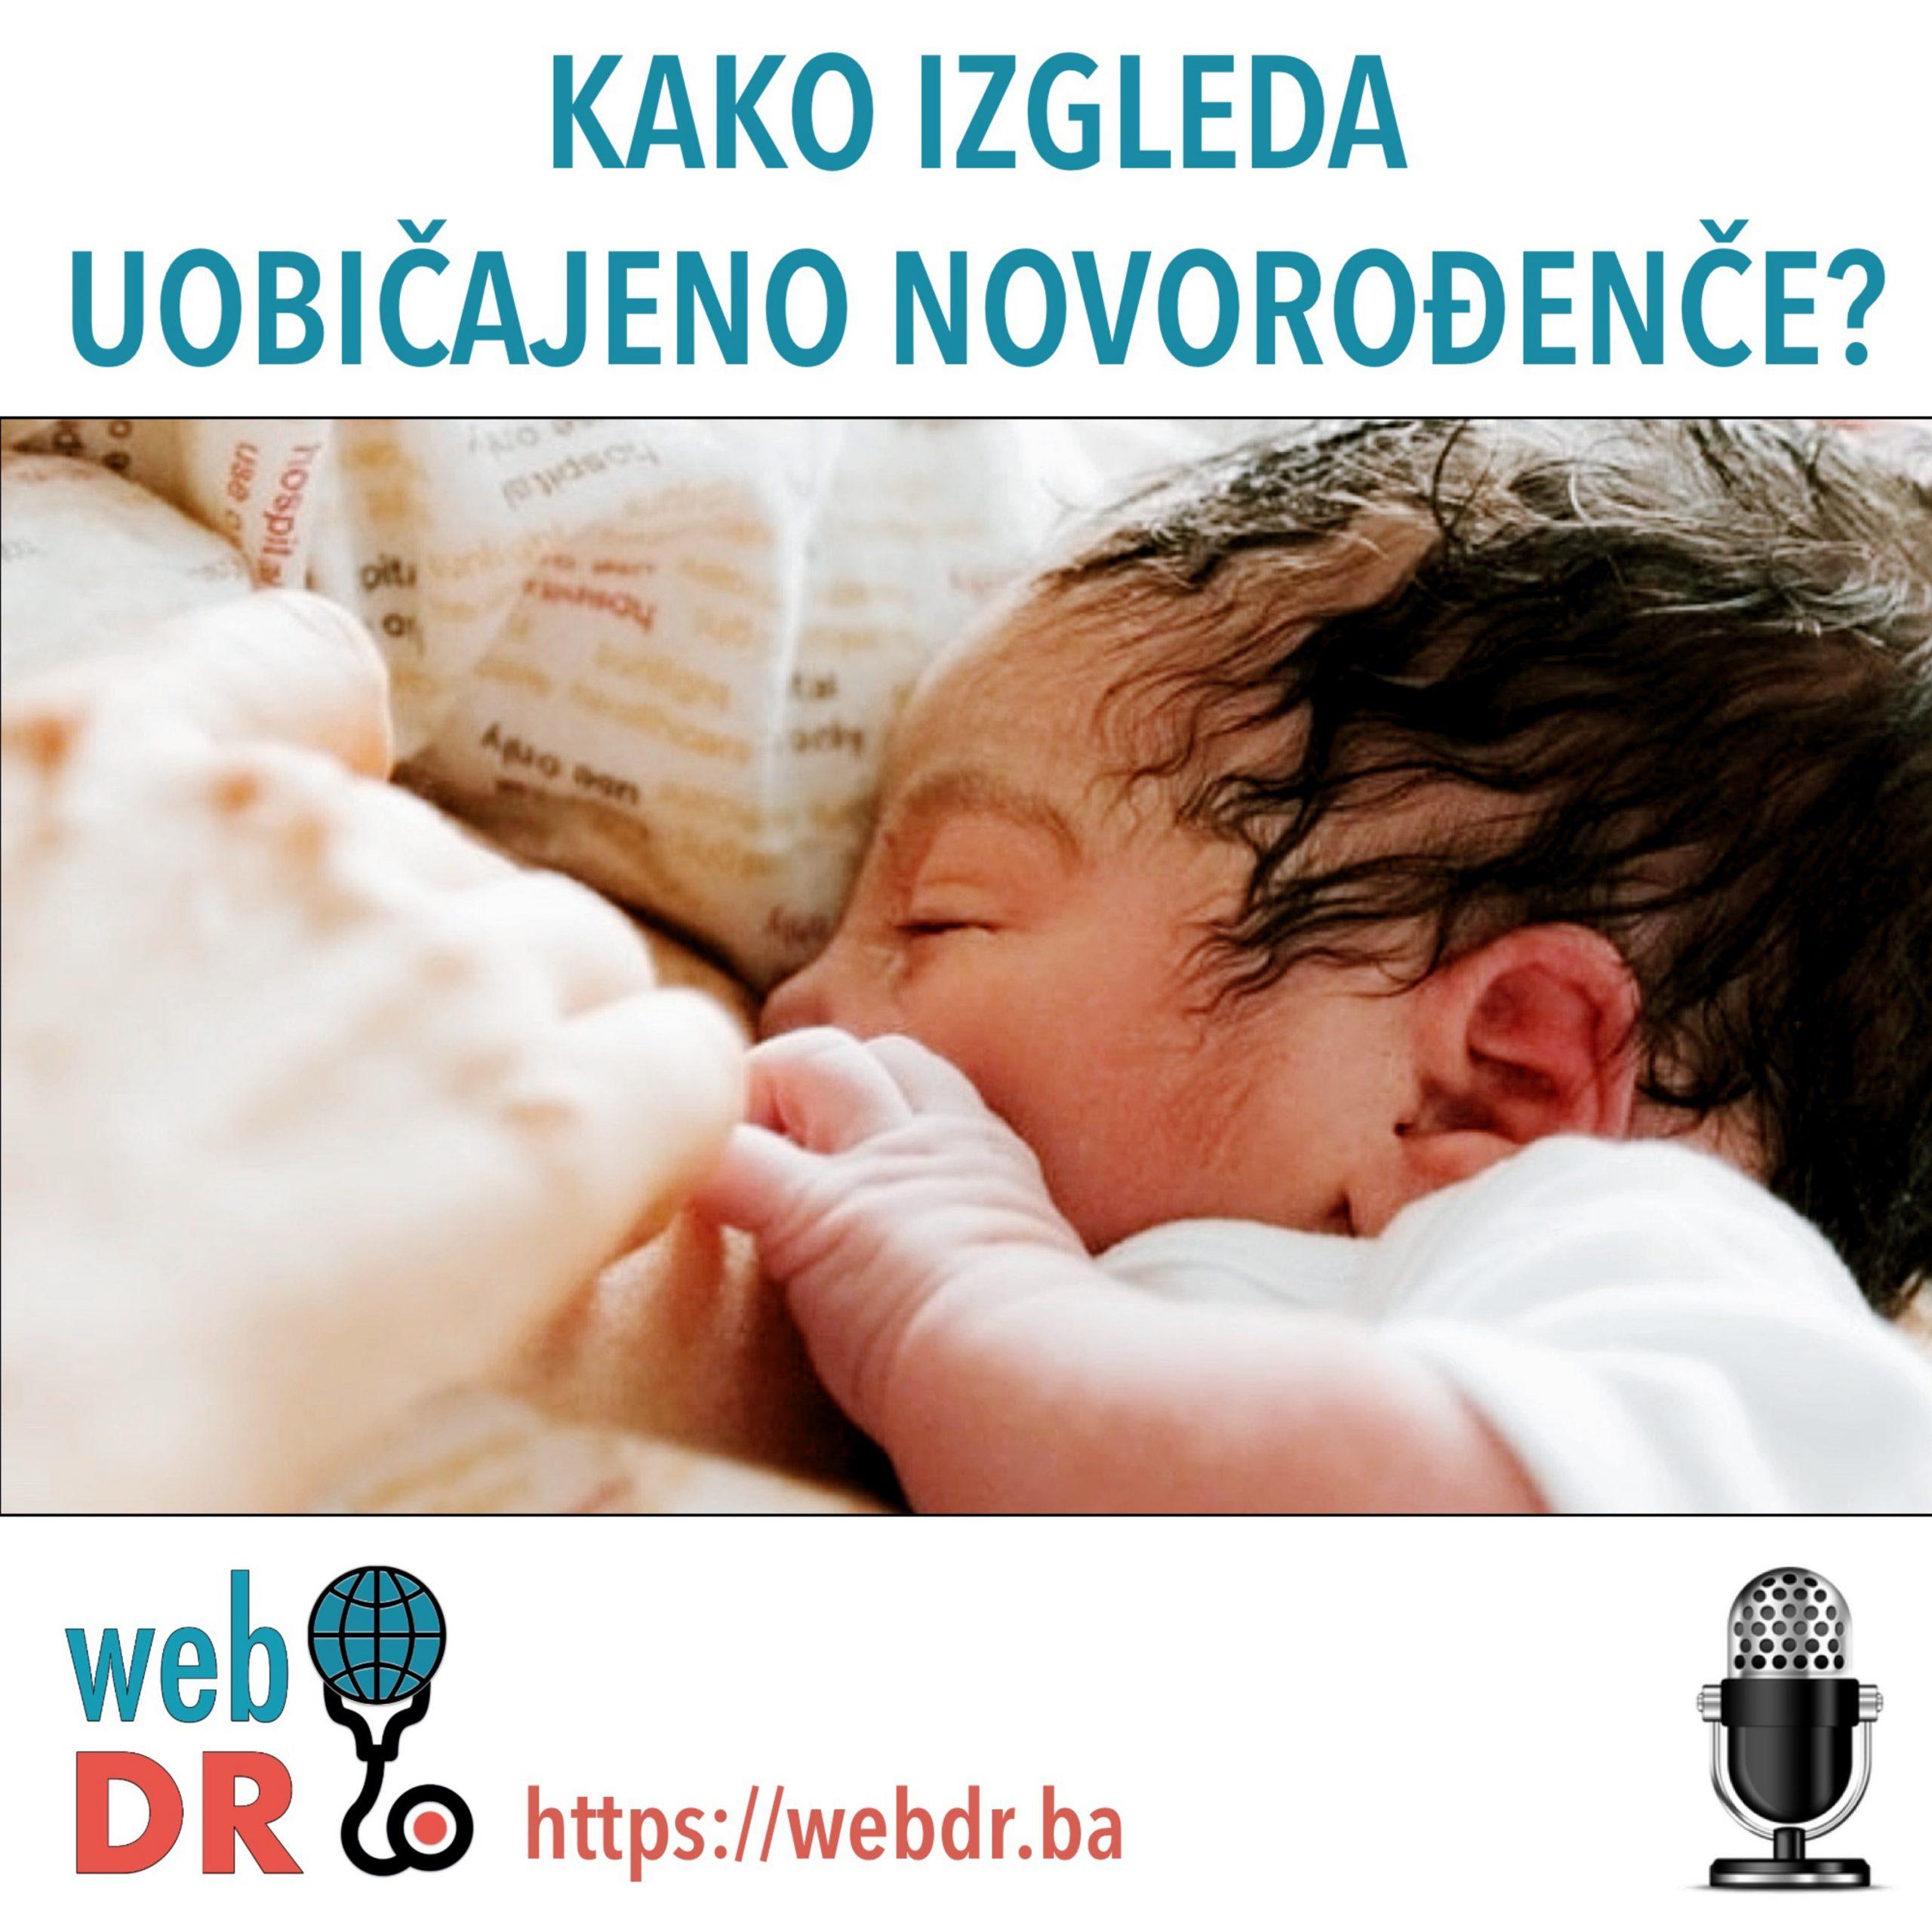 Kako izgleda uobičajeno novorođenče?